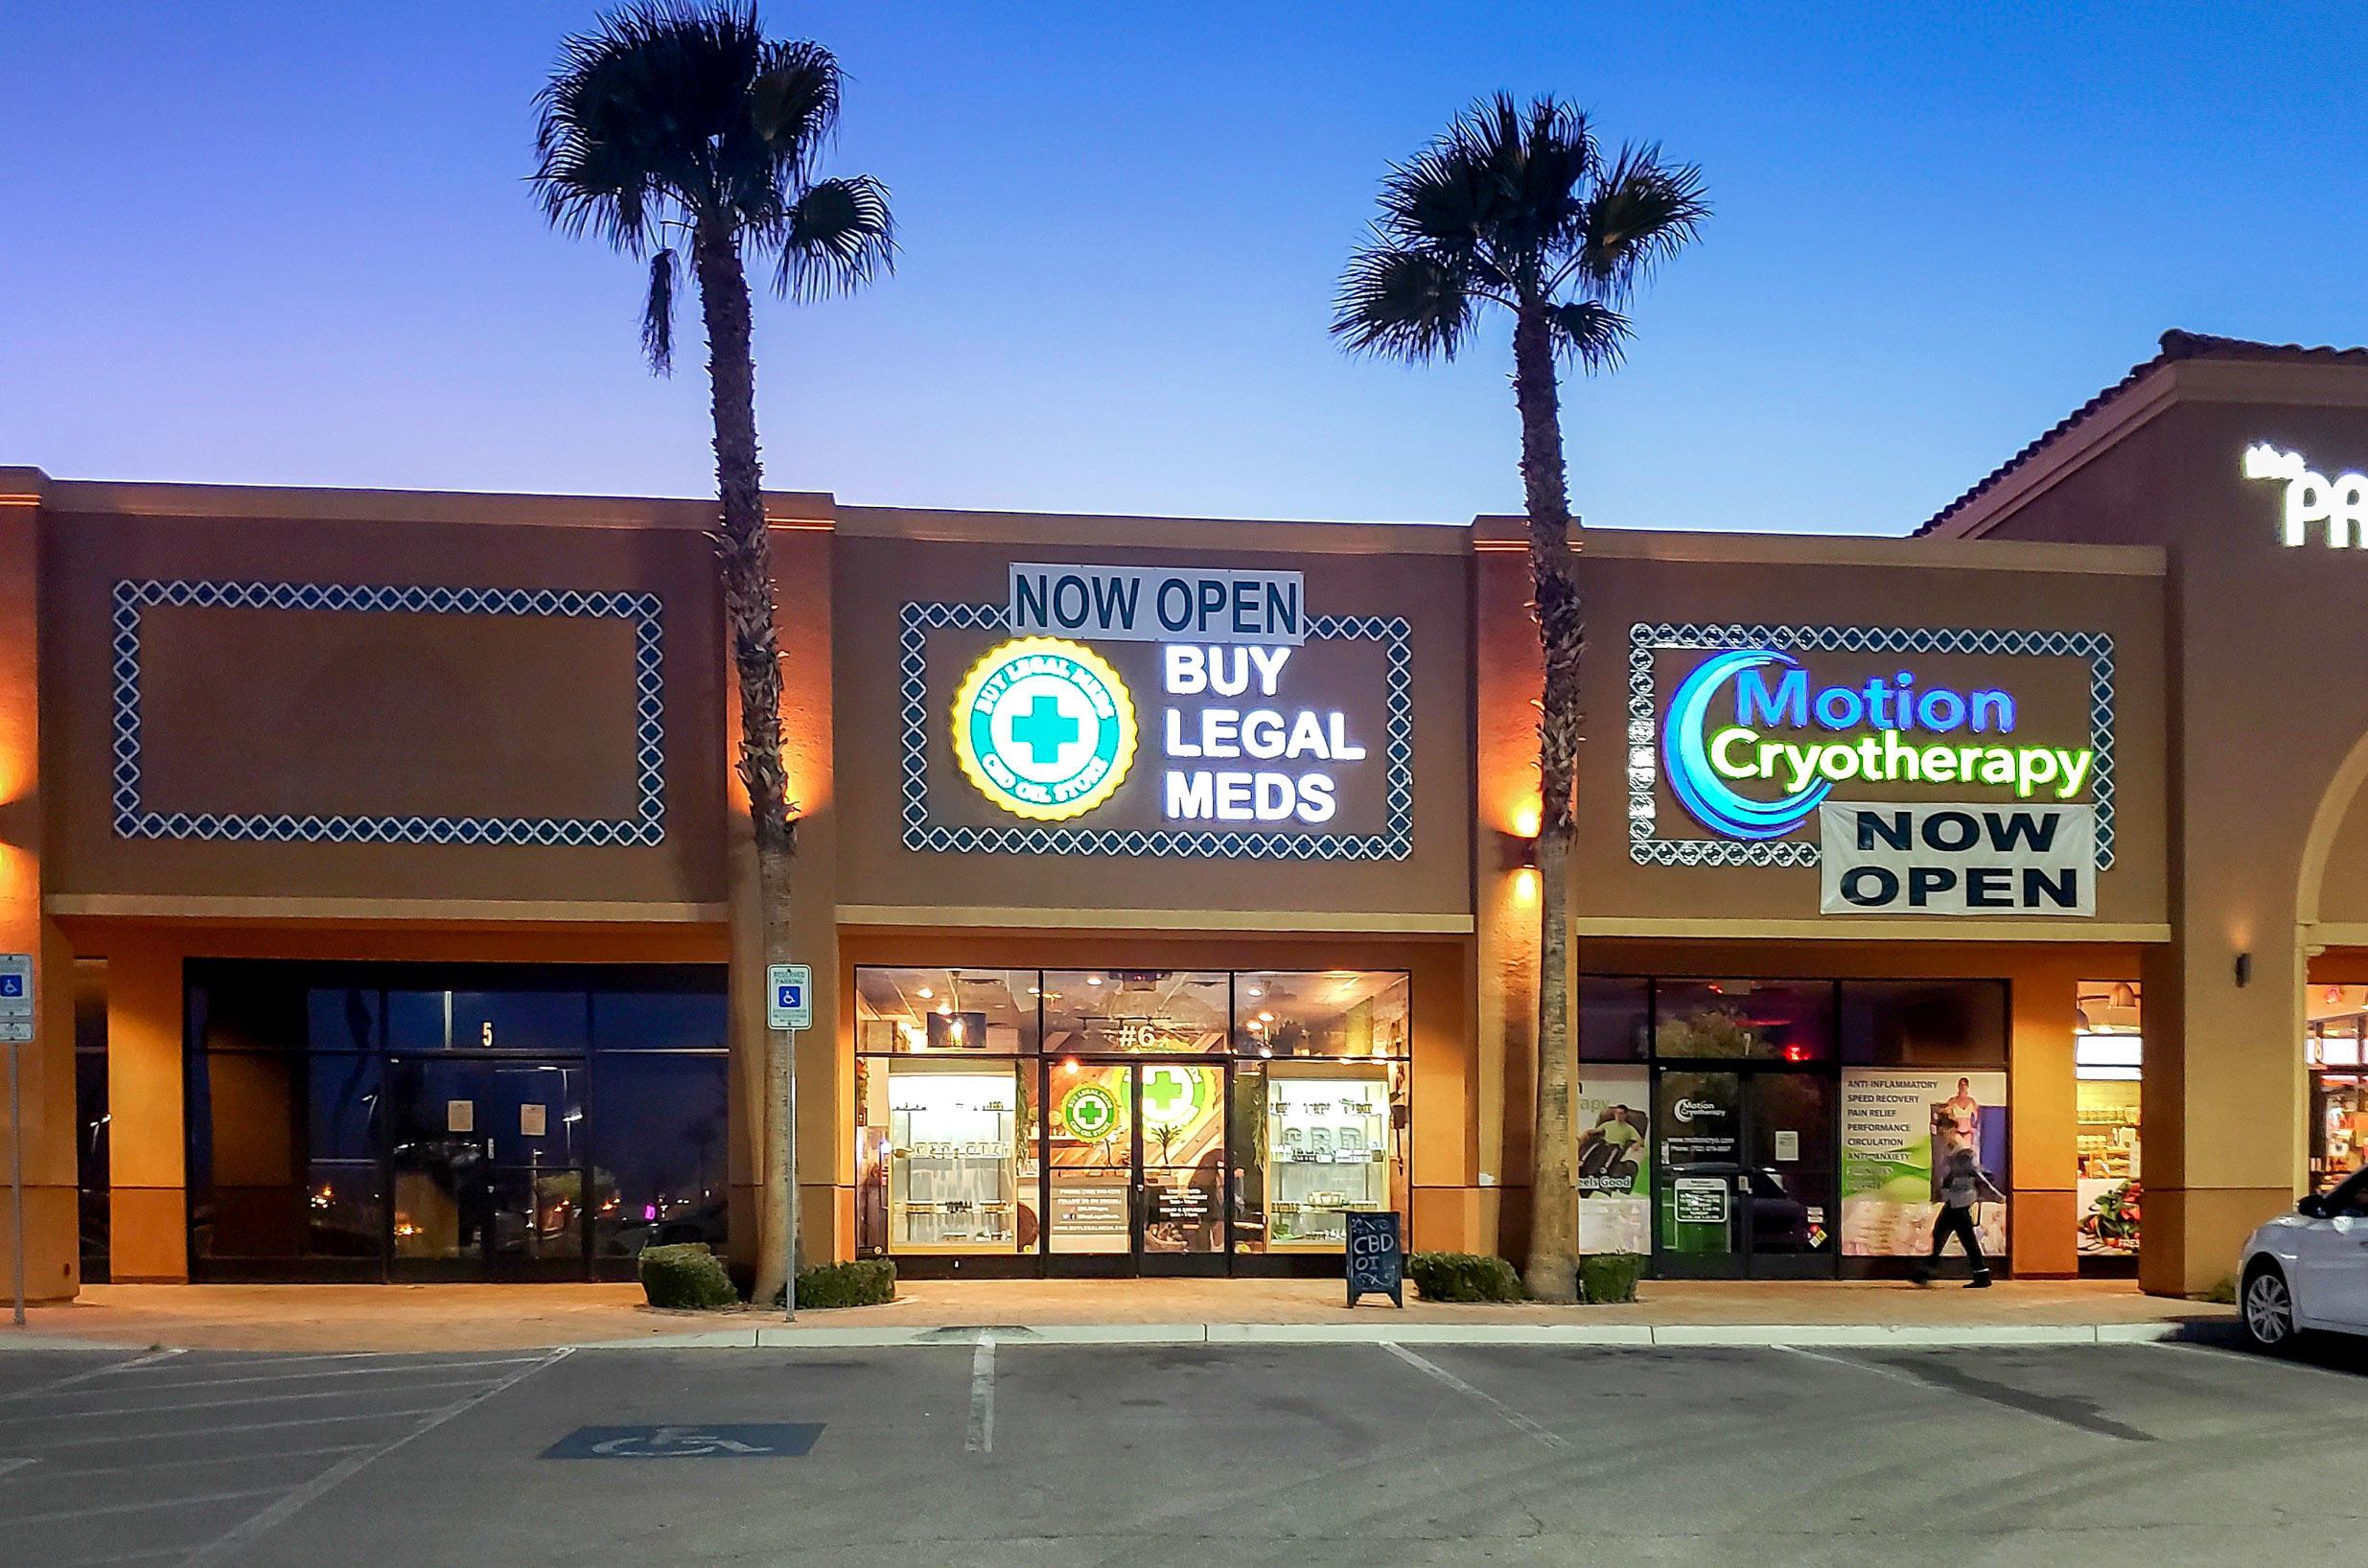 Buy Legal Meds - CBD Oil Store image 3